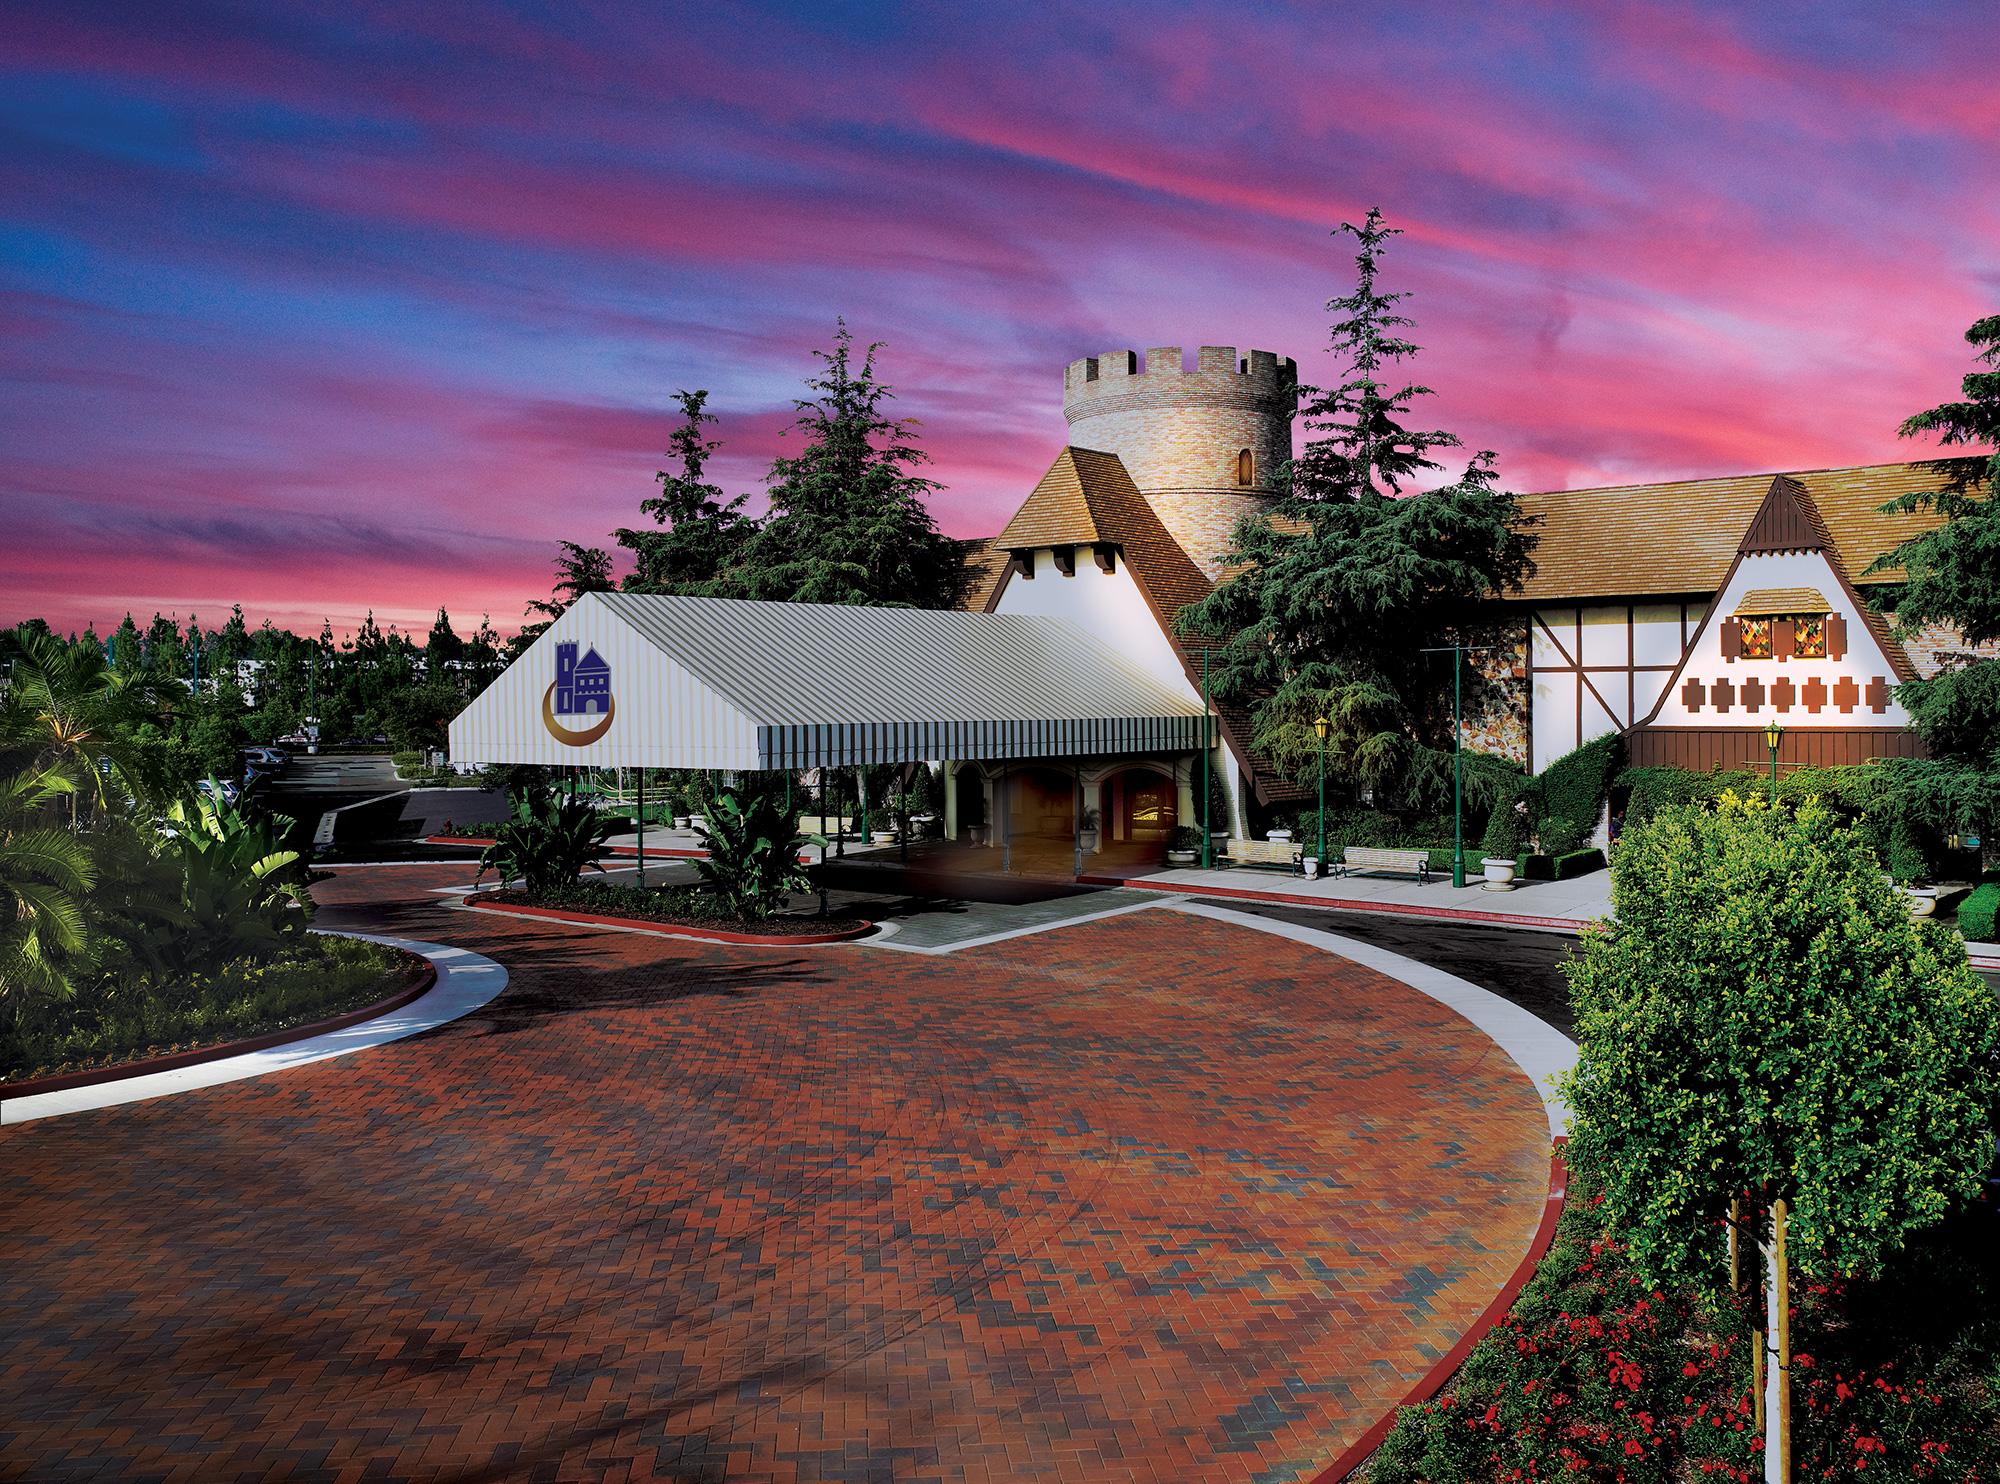 Hotel specials vacation packages in socal anaheim - Anaheim majestic garden hotel to disneyland ...